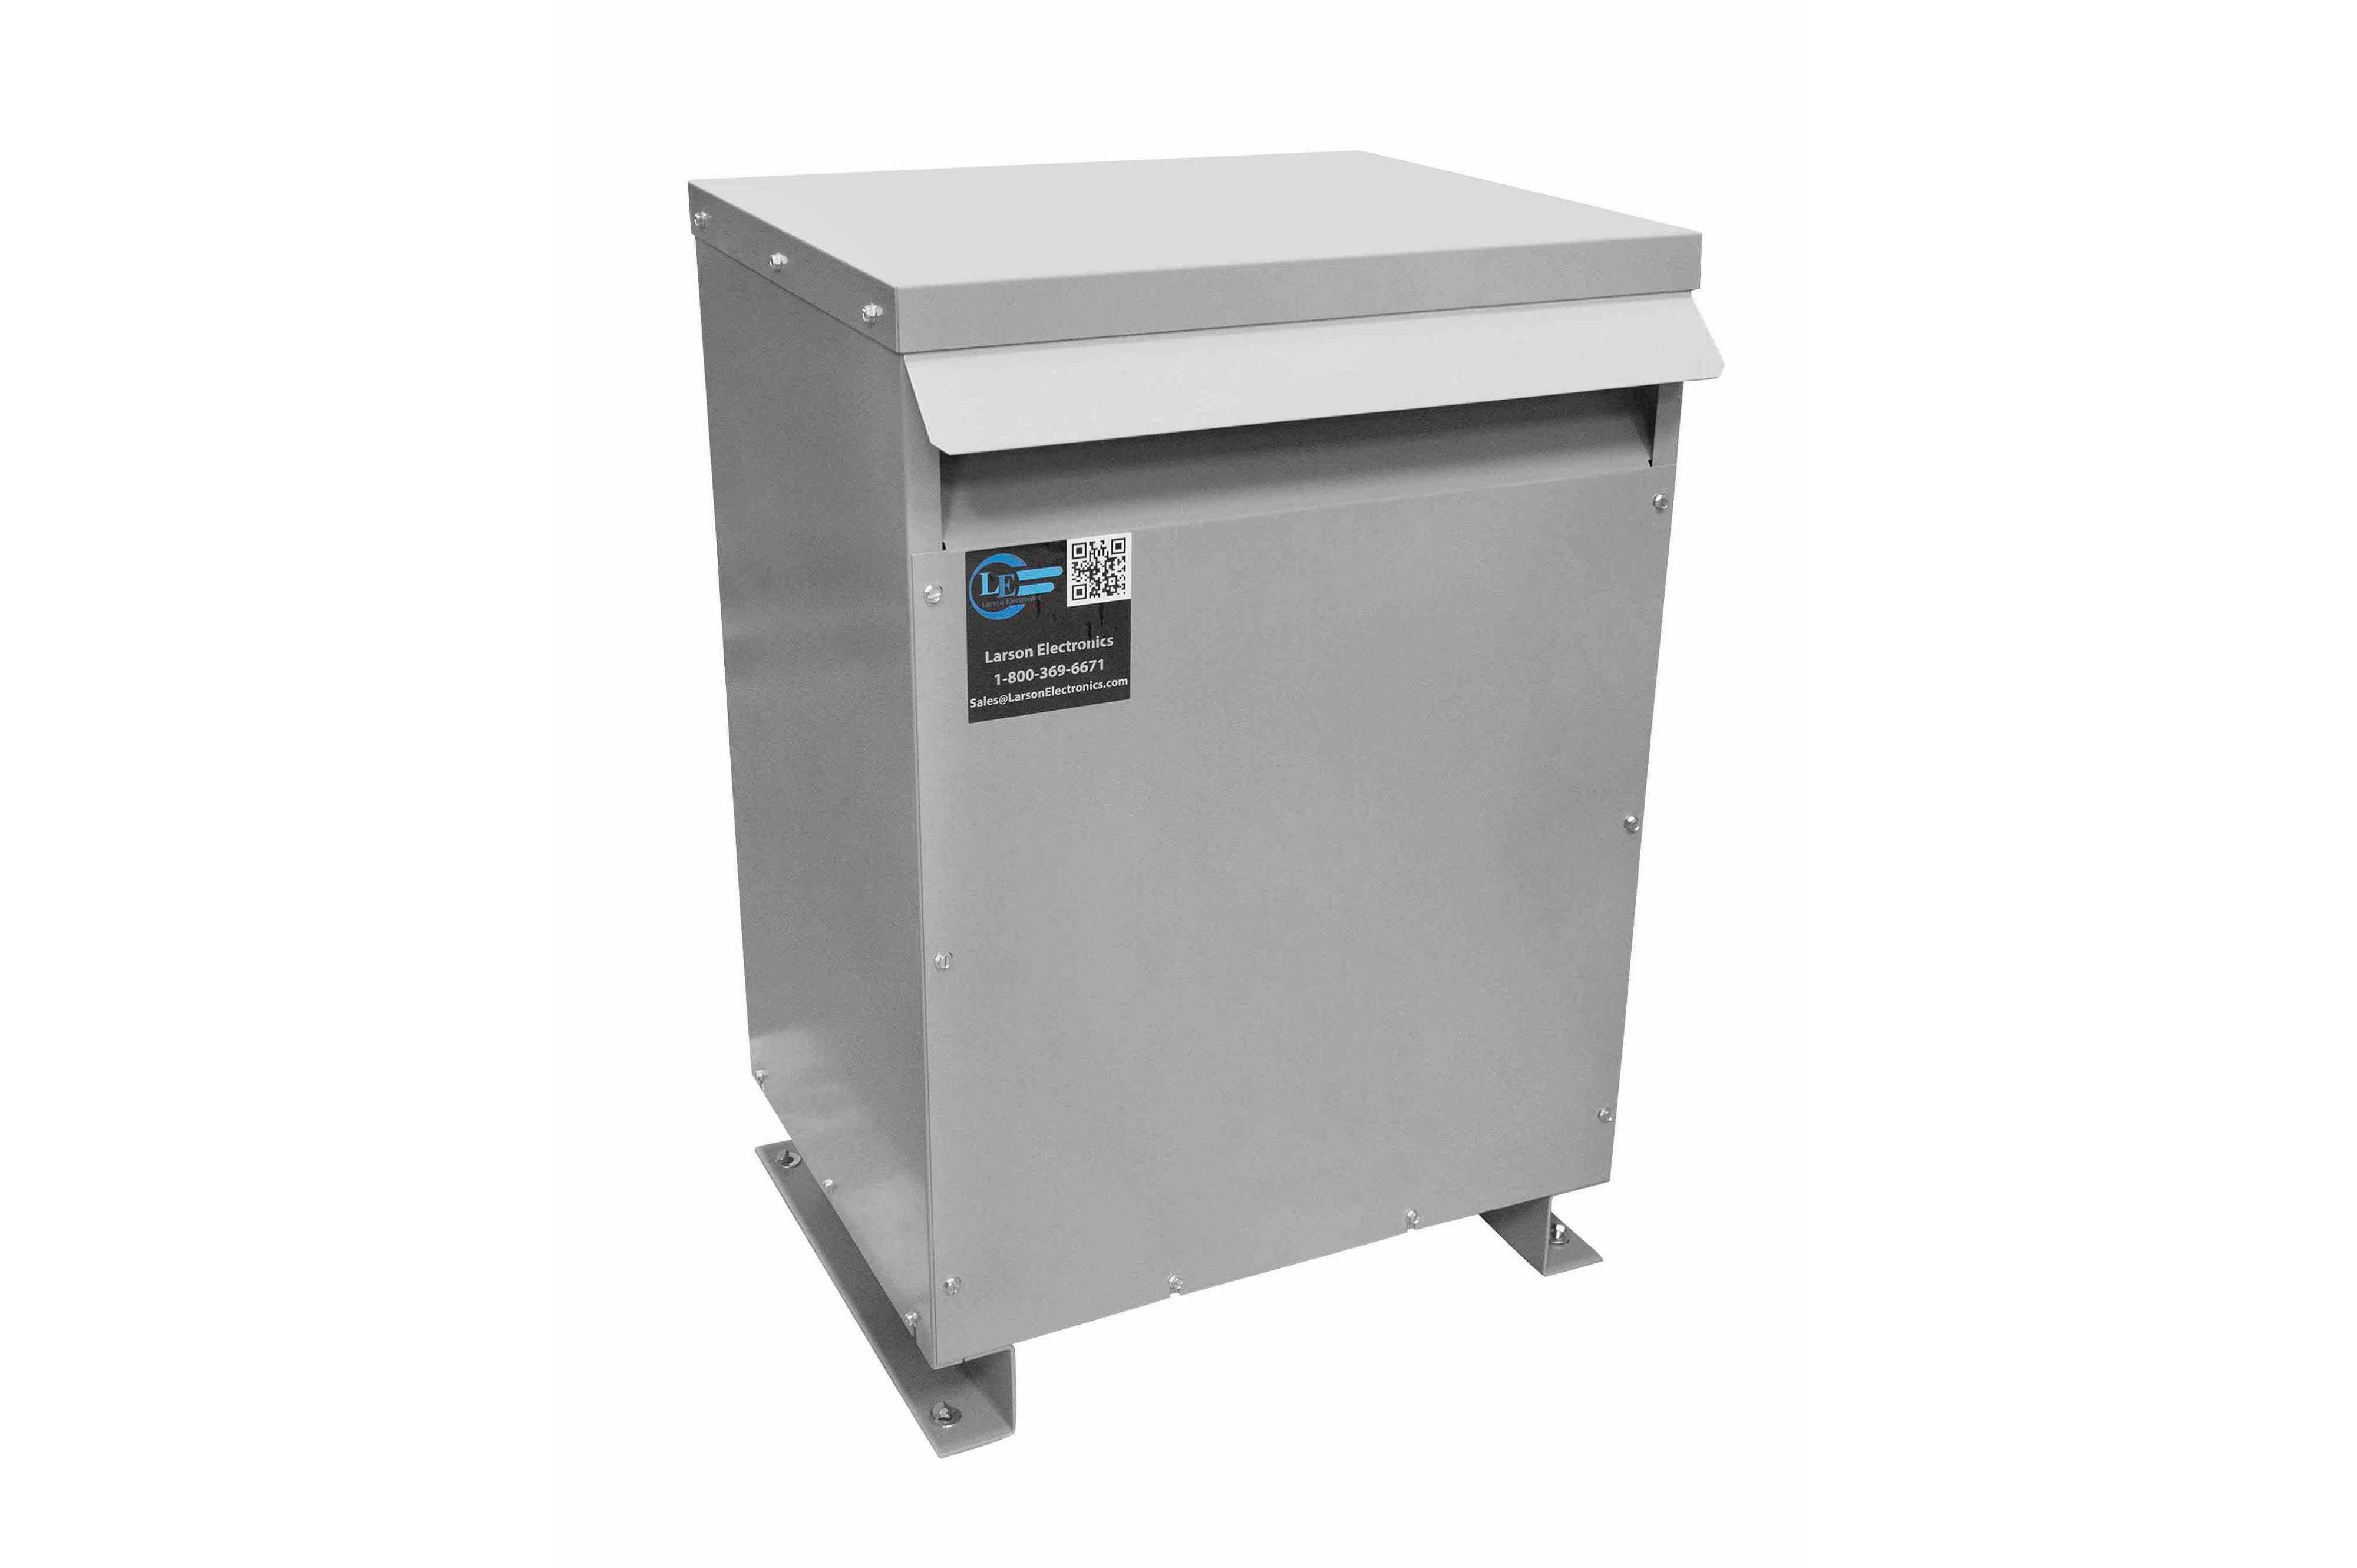 25 kVA 3PH Isolation Transformer, 440V Delta Primary, 240 Delta Secondary, N3R, Ventilated, 60 Hz